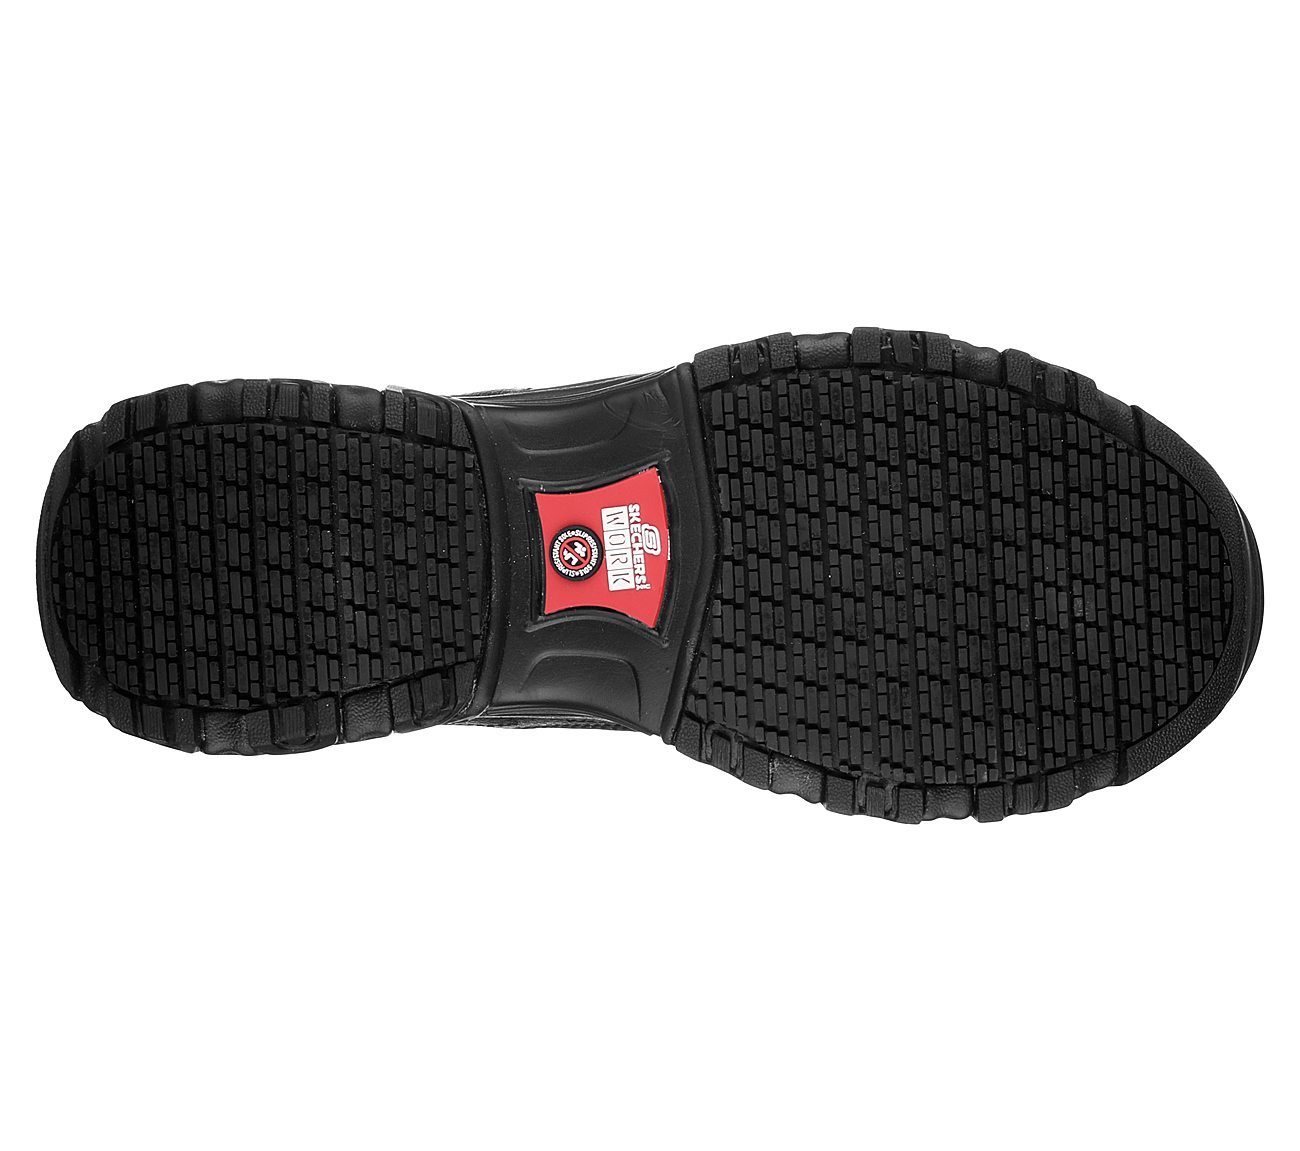 bd9354f0fa95 Buy SKECHERS Work  D Lites SR - Marbleton Work Shoes only  72.00